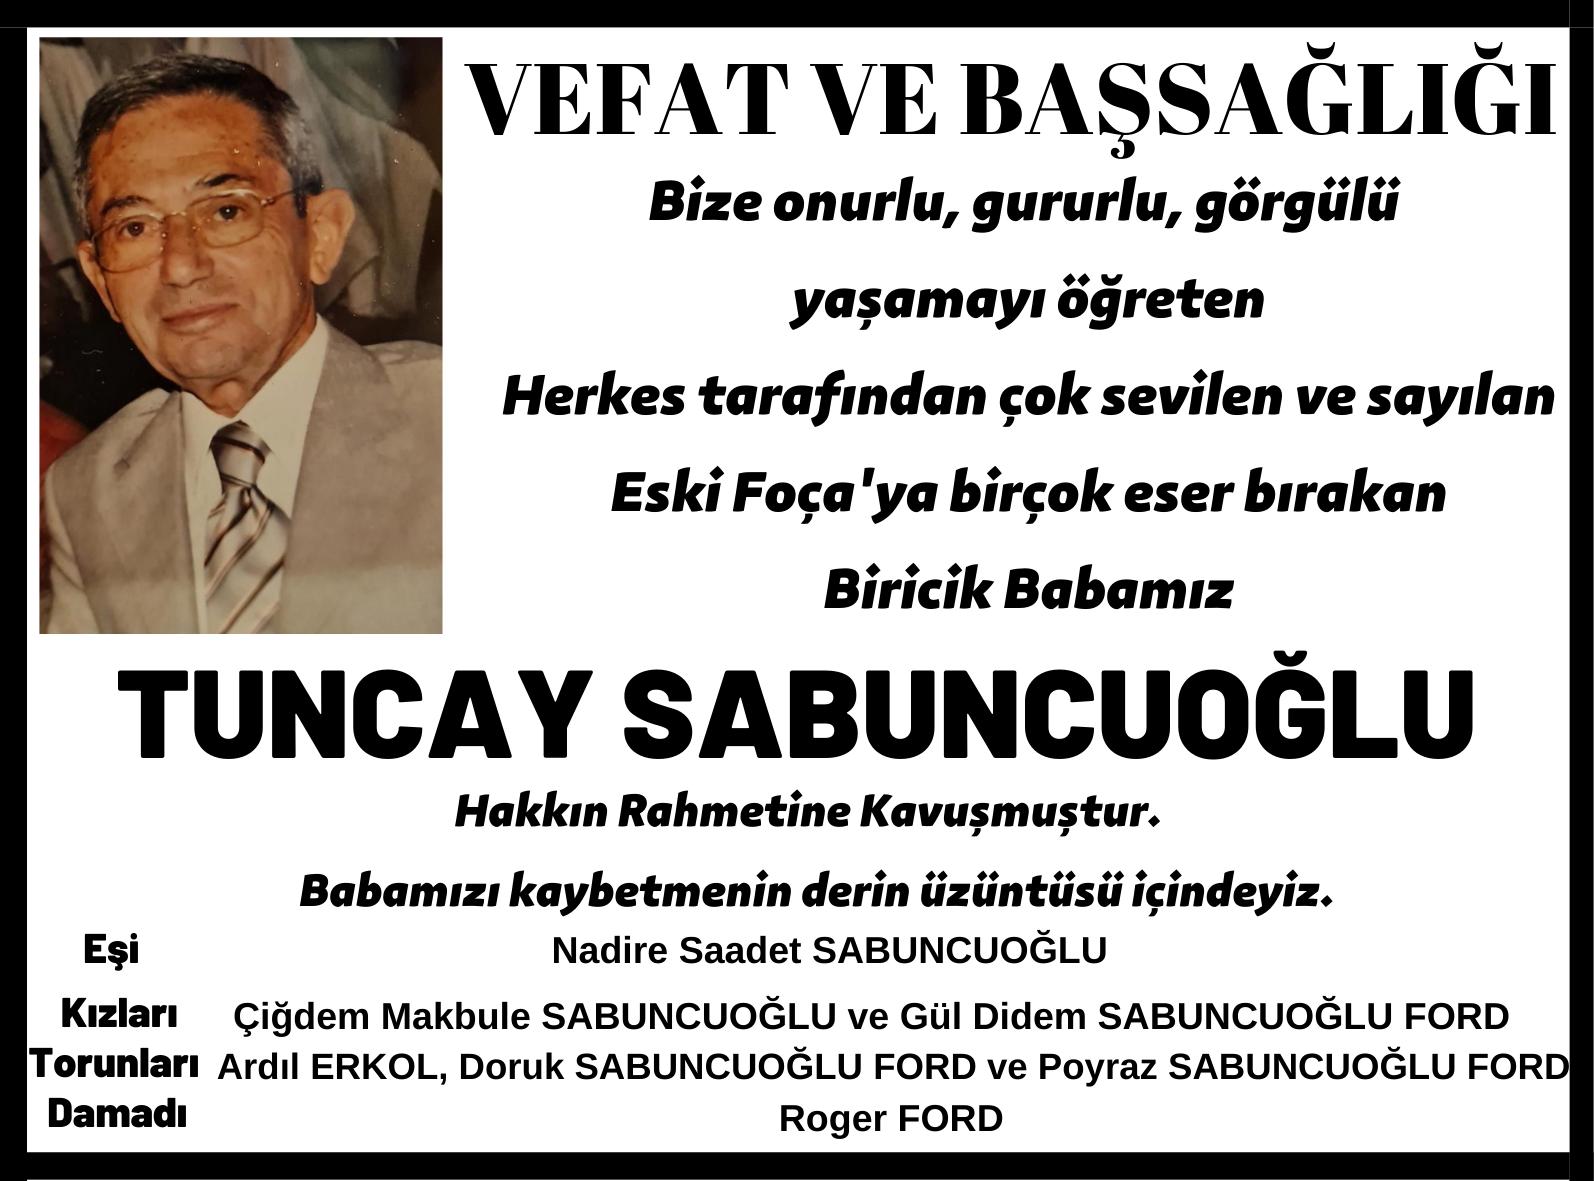 Tuncay Sabuncuoğlu